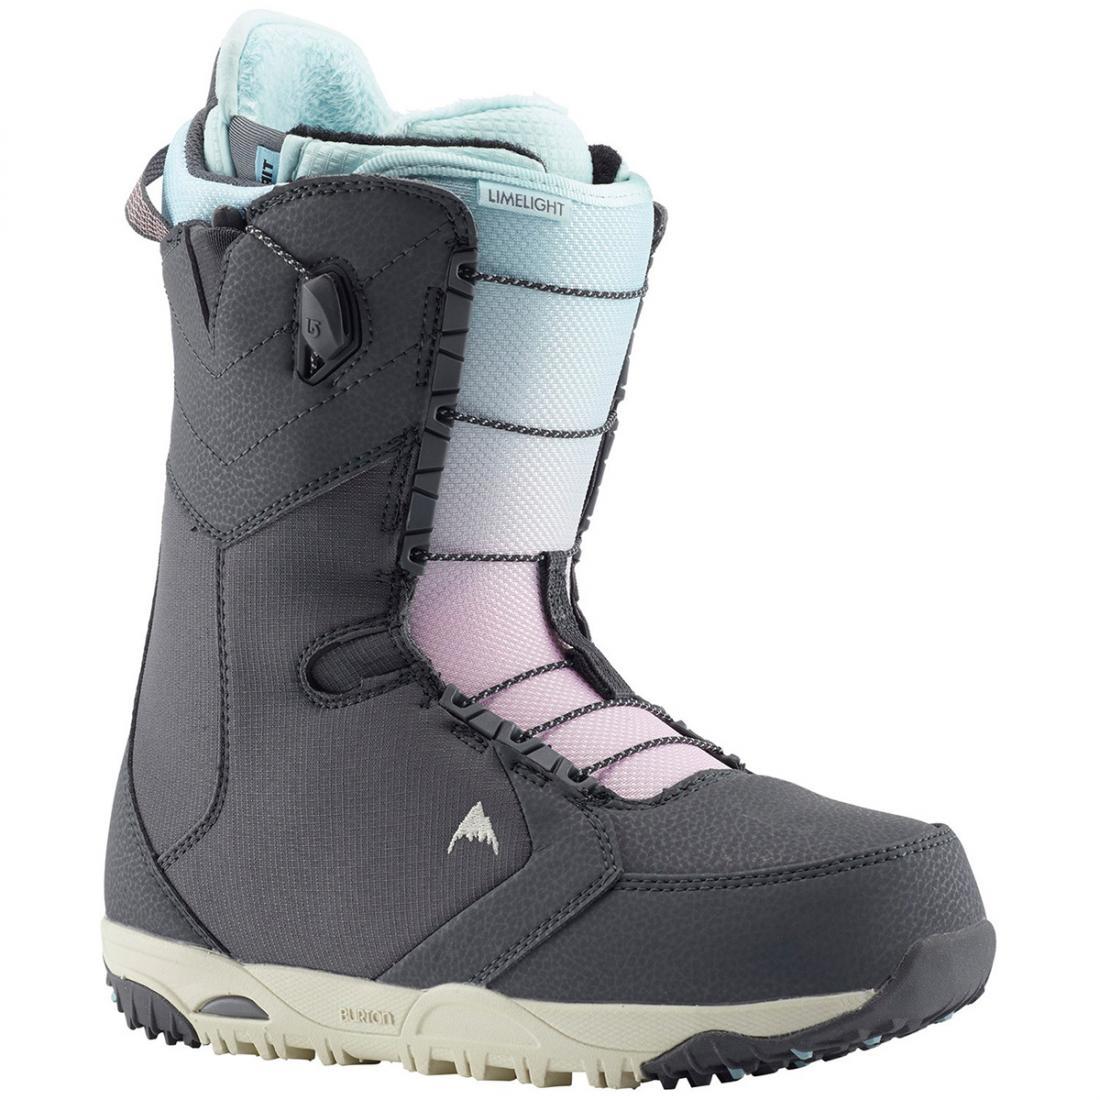 Ботинки сноубордические LIMELIGHT женские фото